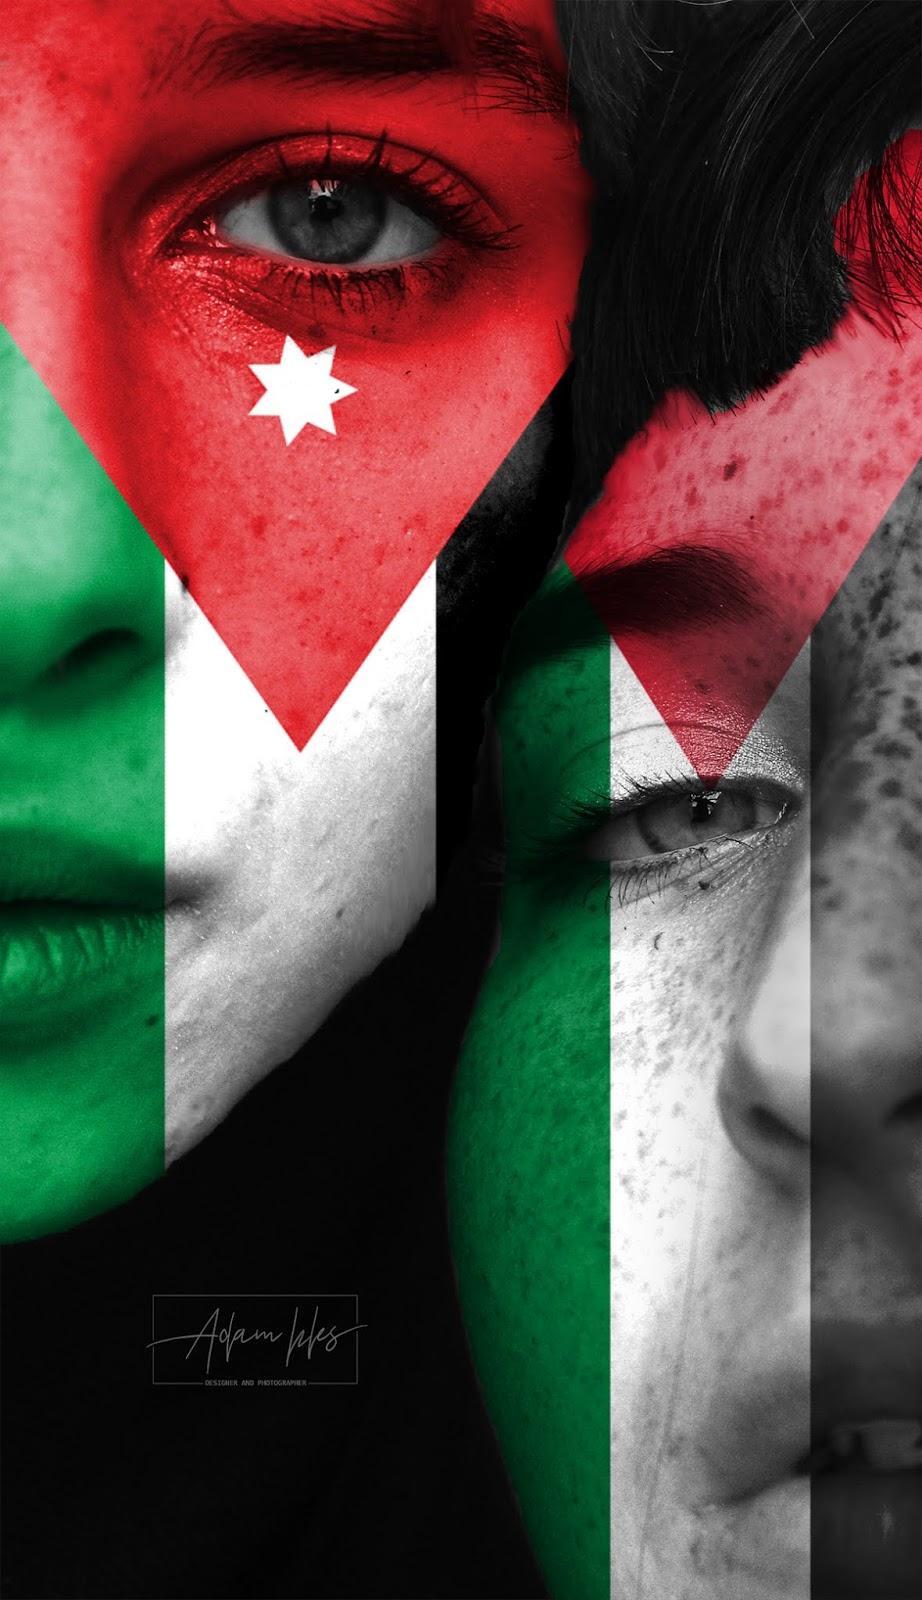 علم الاردن وعلم فلسطين